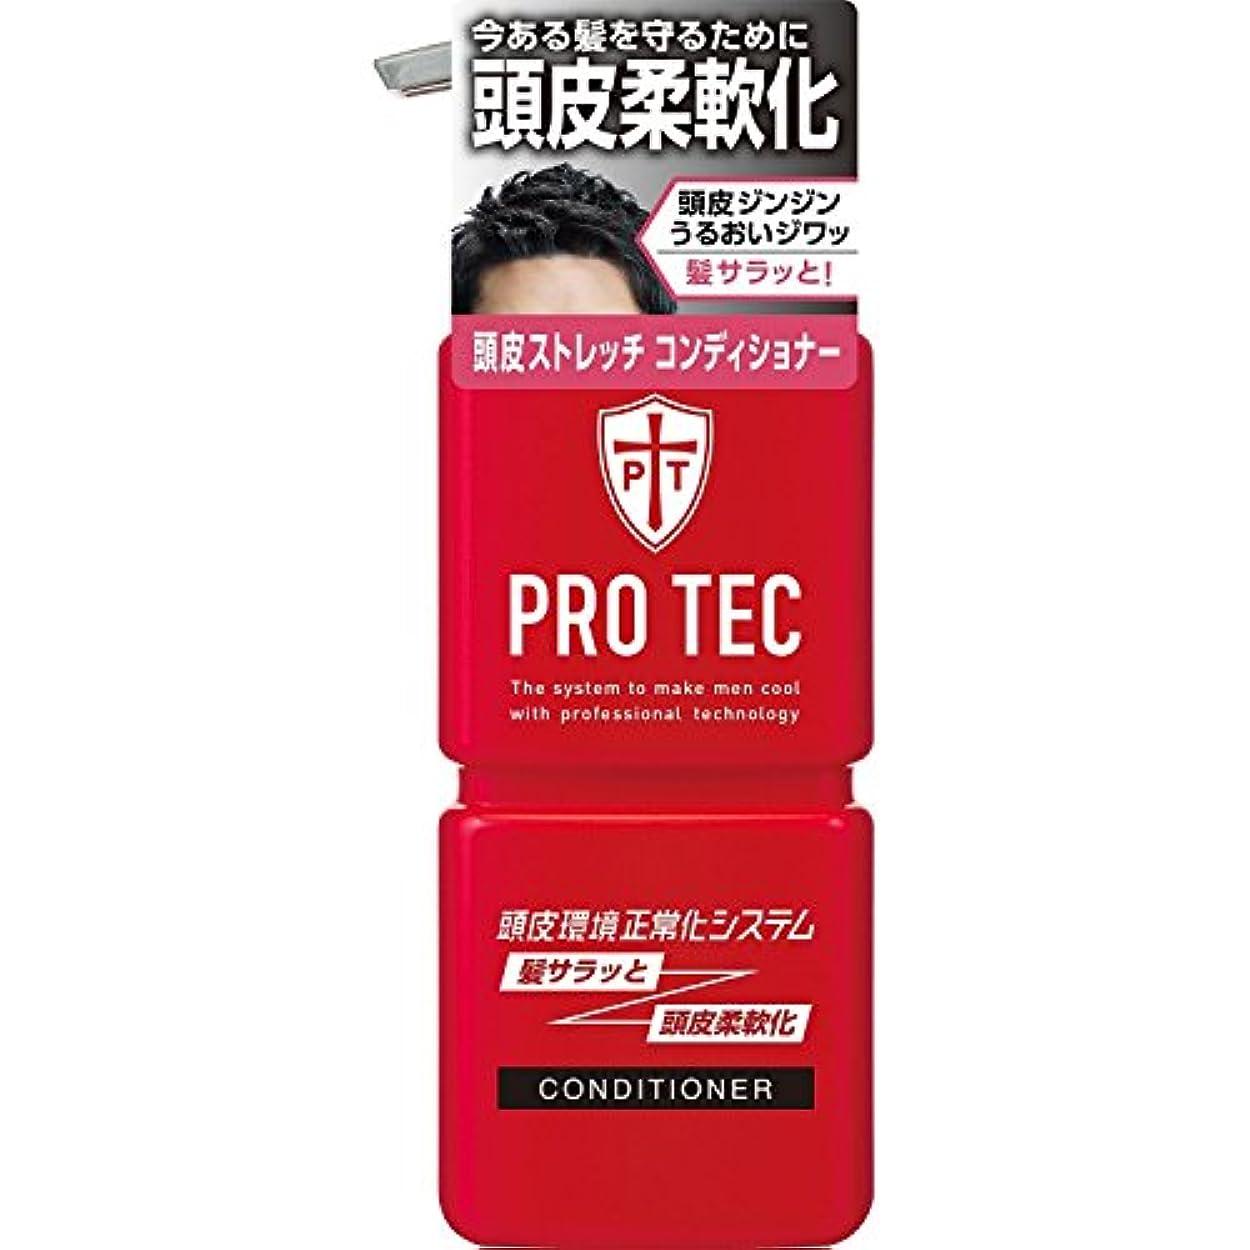 地味な暴露するロケーションPRO TEC(プロテク) 頭皮ストレッチ コンディショナー 本体ポンプ 300g